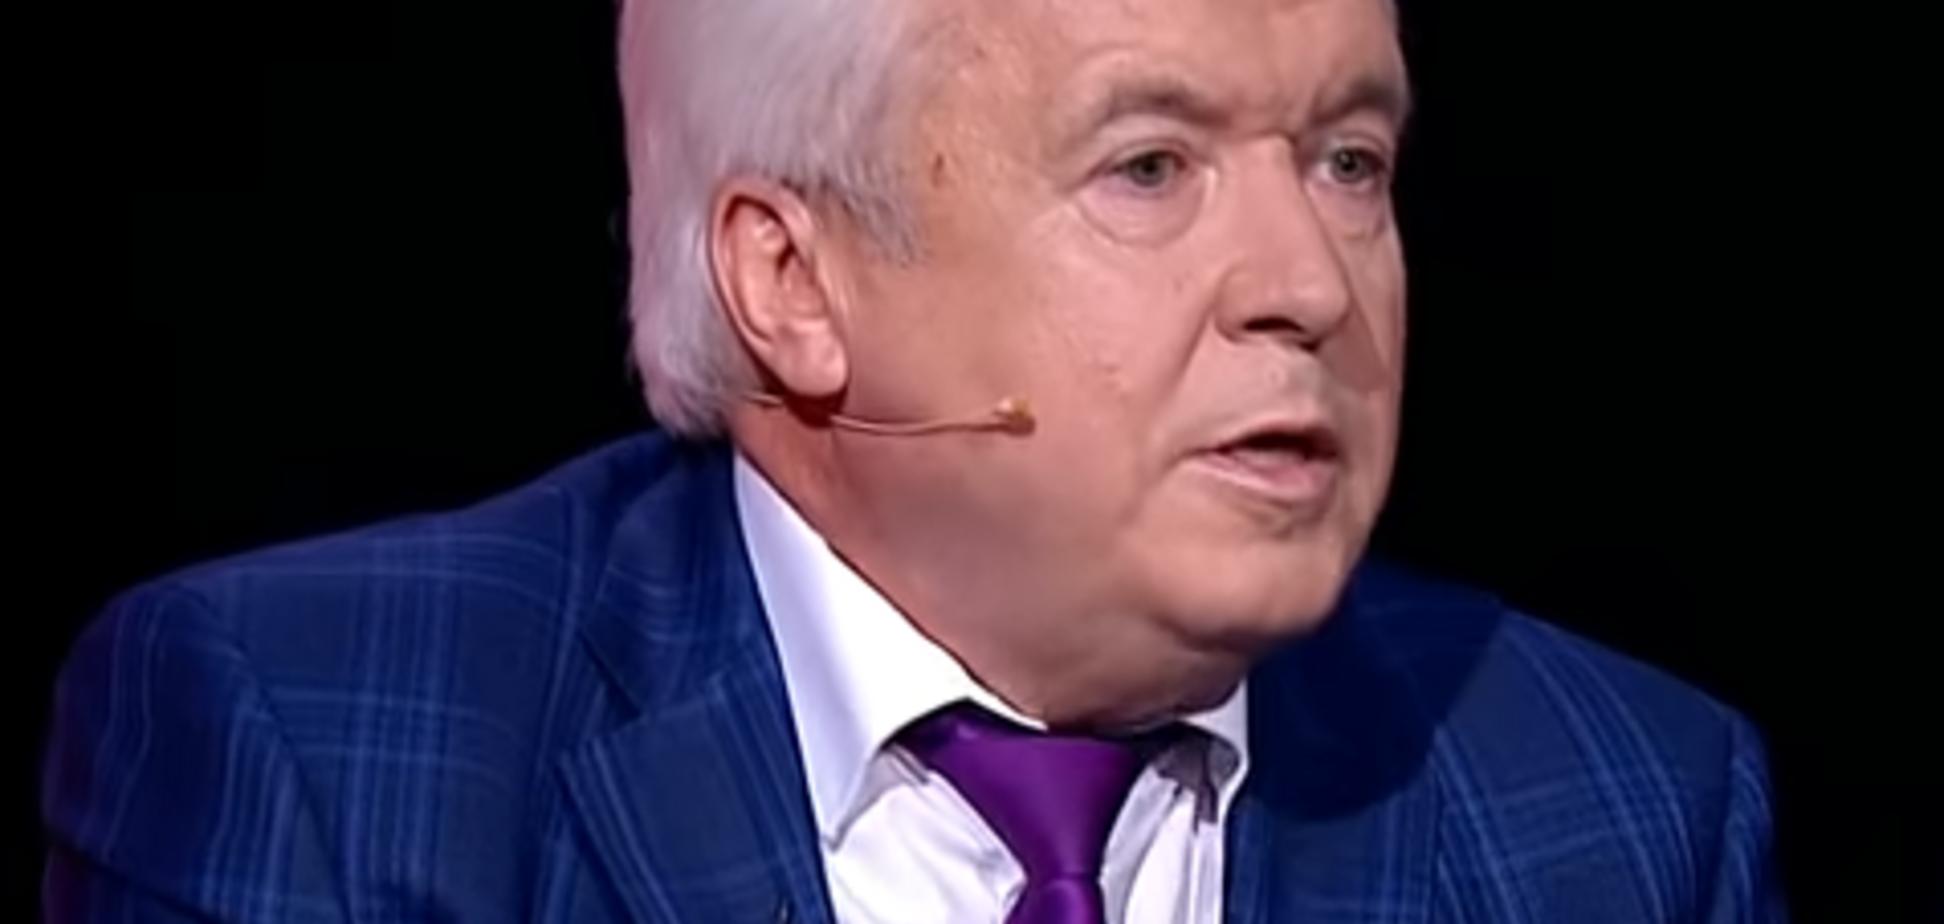 Сбежавший в РФ экс-регионал призвал украинцев к перевороту